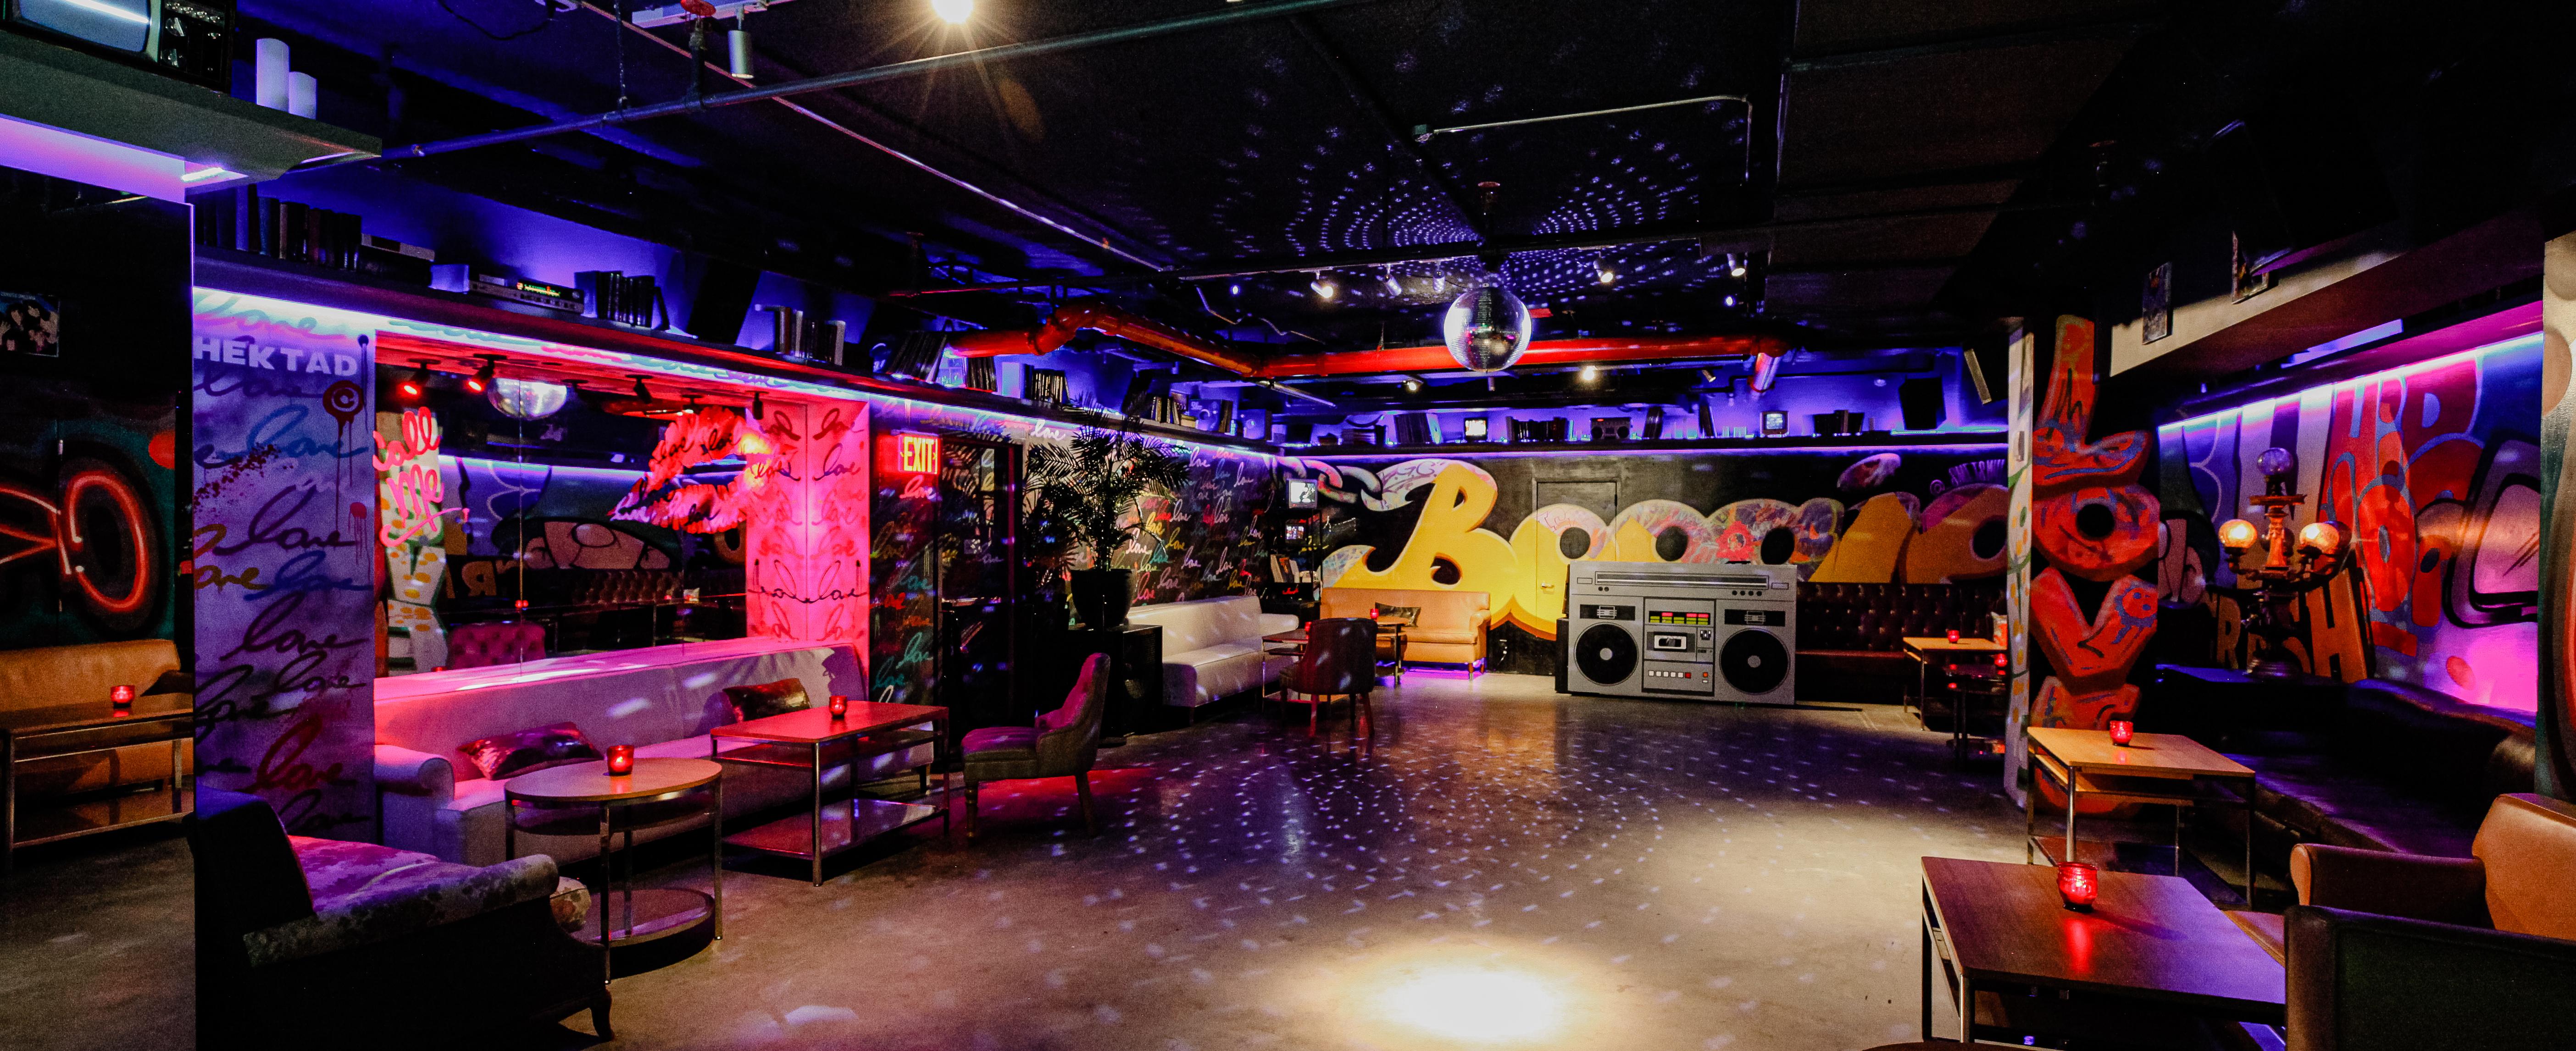 Boogie Room